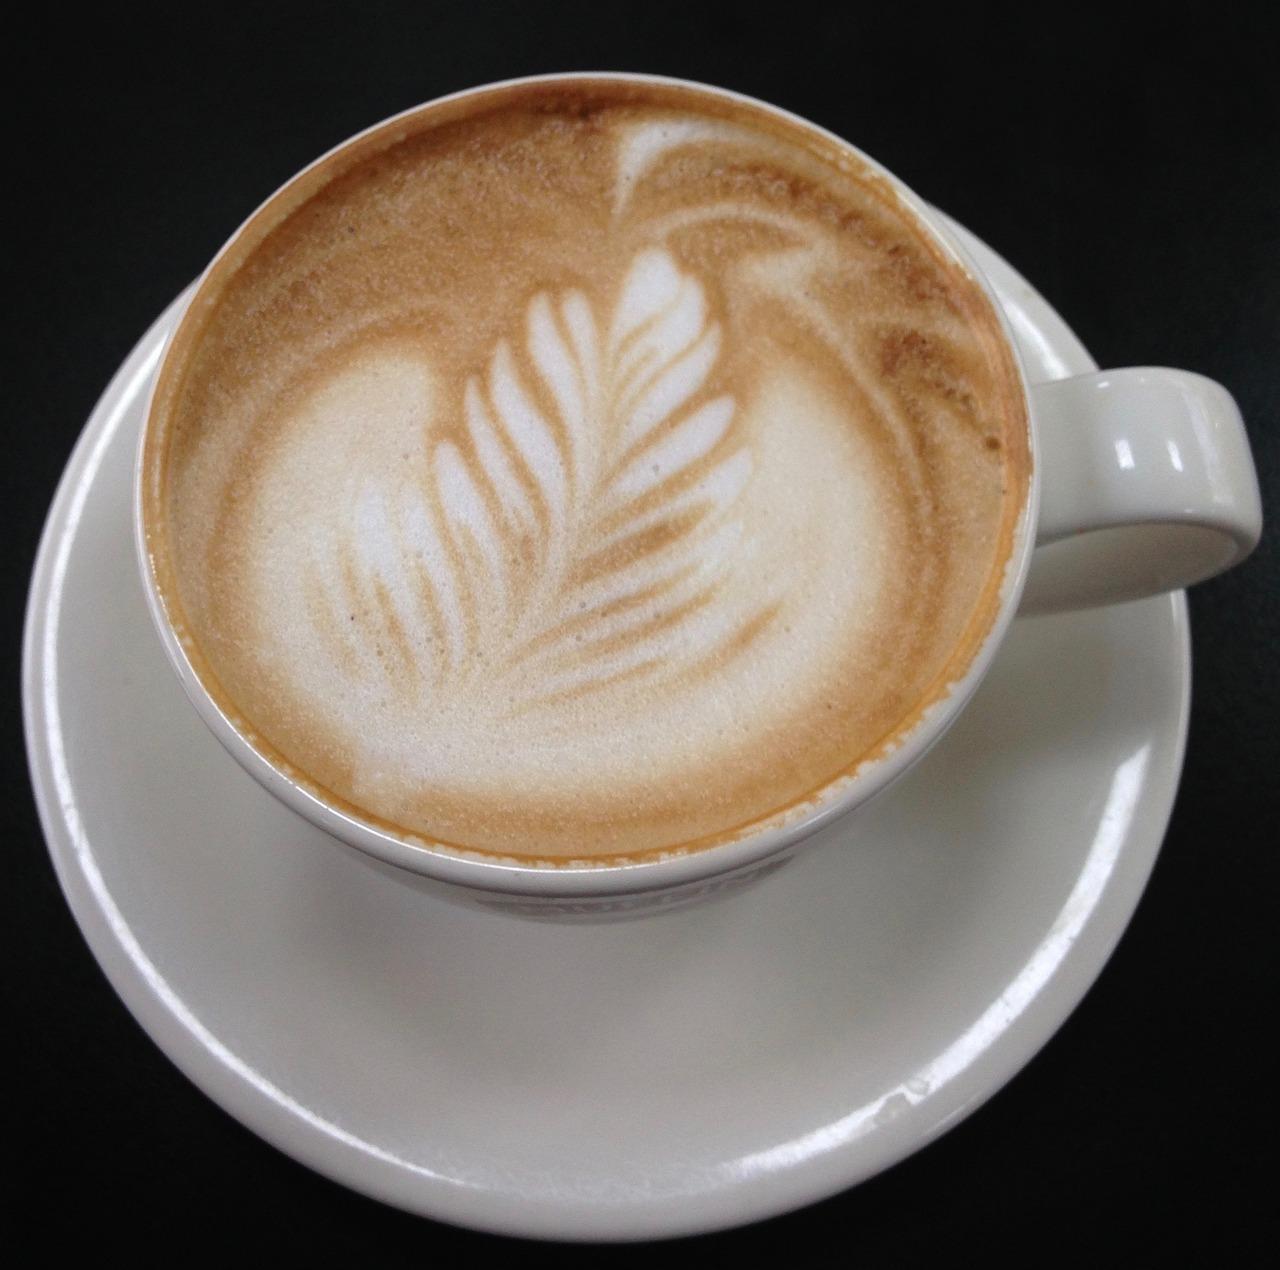 рисунки из пенки кофе главное это солнечный